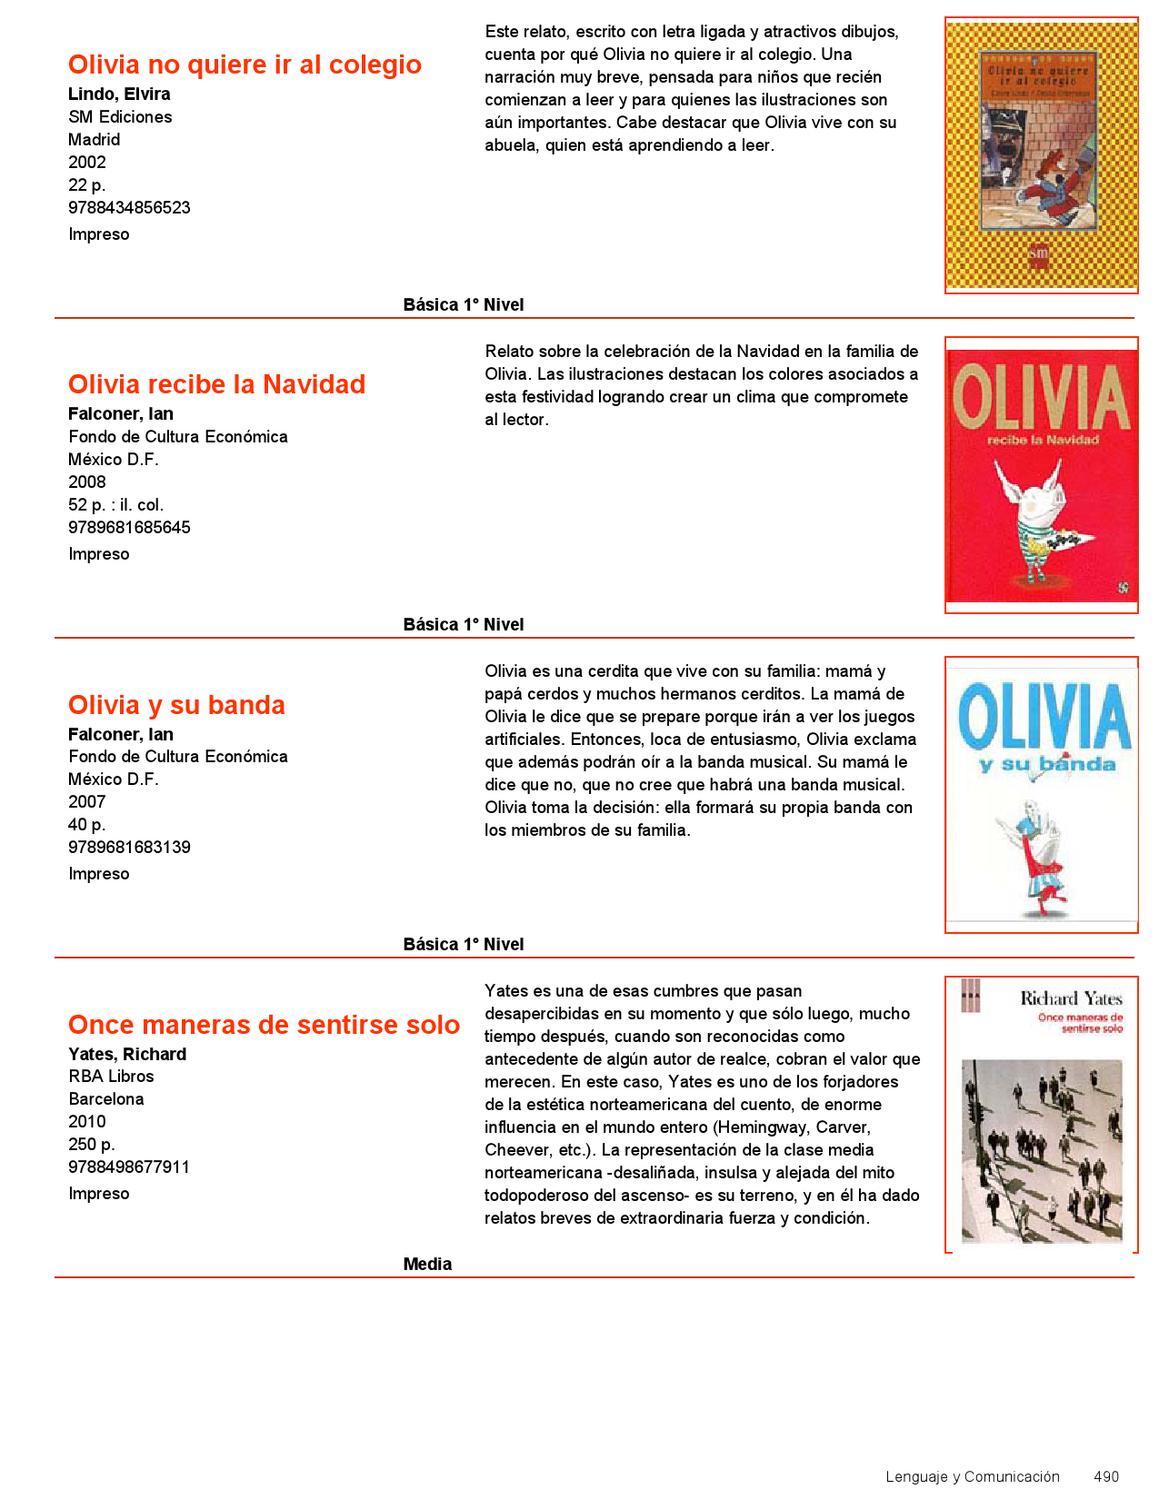 Catalogo Bibliotecas Escolares CRA 2012 Parte 2 by